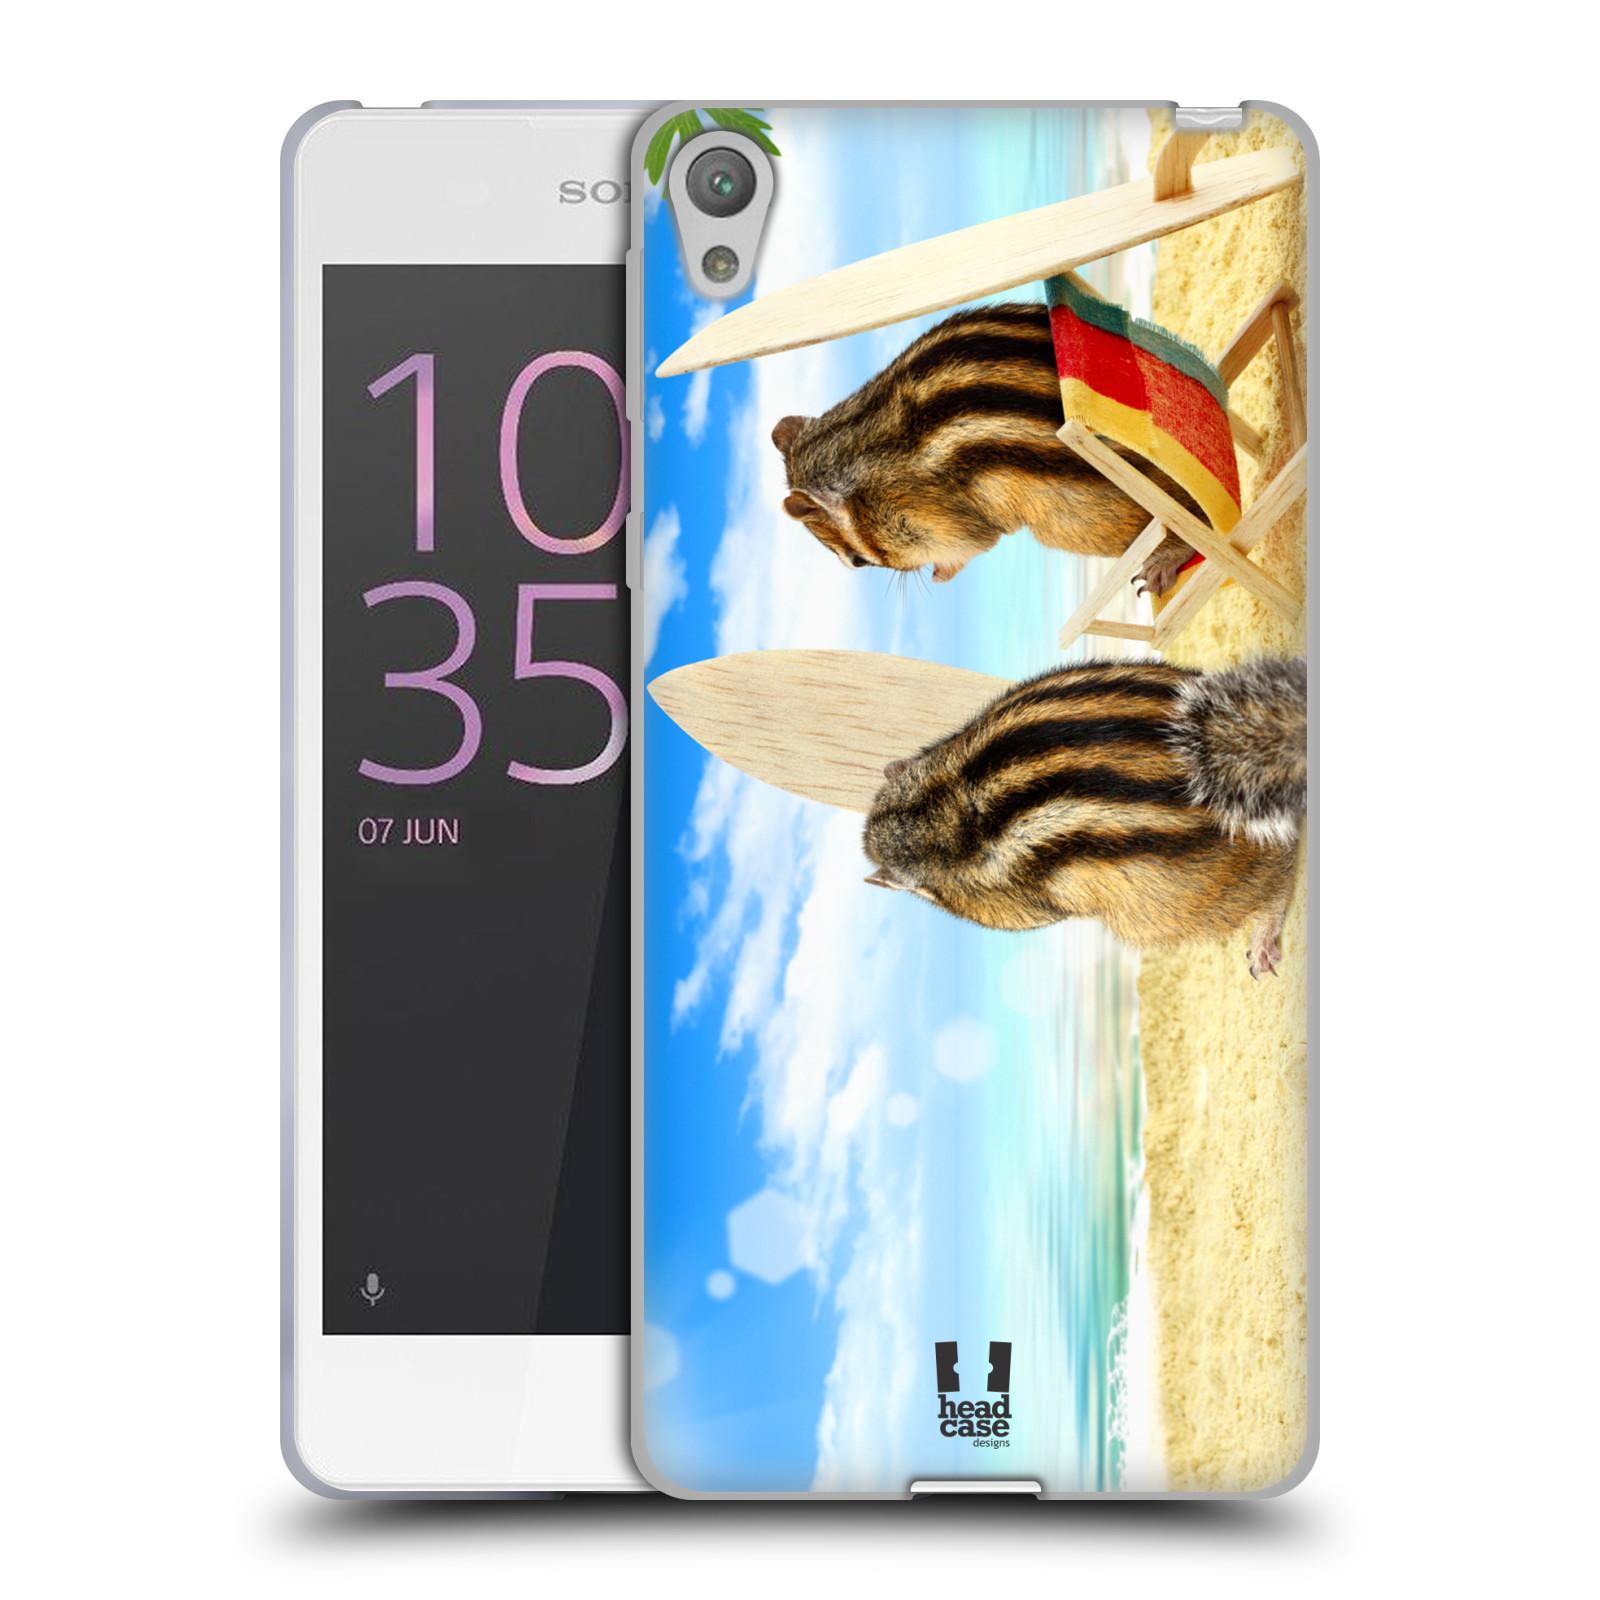 HEAD CASE silikonový obal na mobil SONY XPERIA E5 vzor Legrační zvířátka veverky surfaři u moře